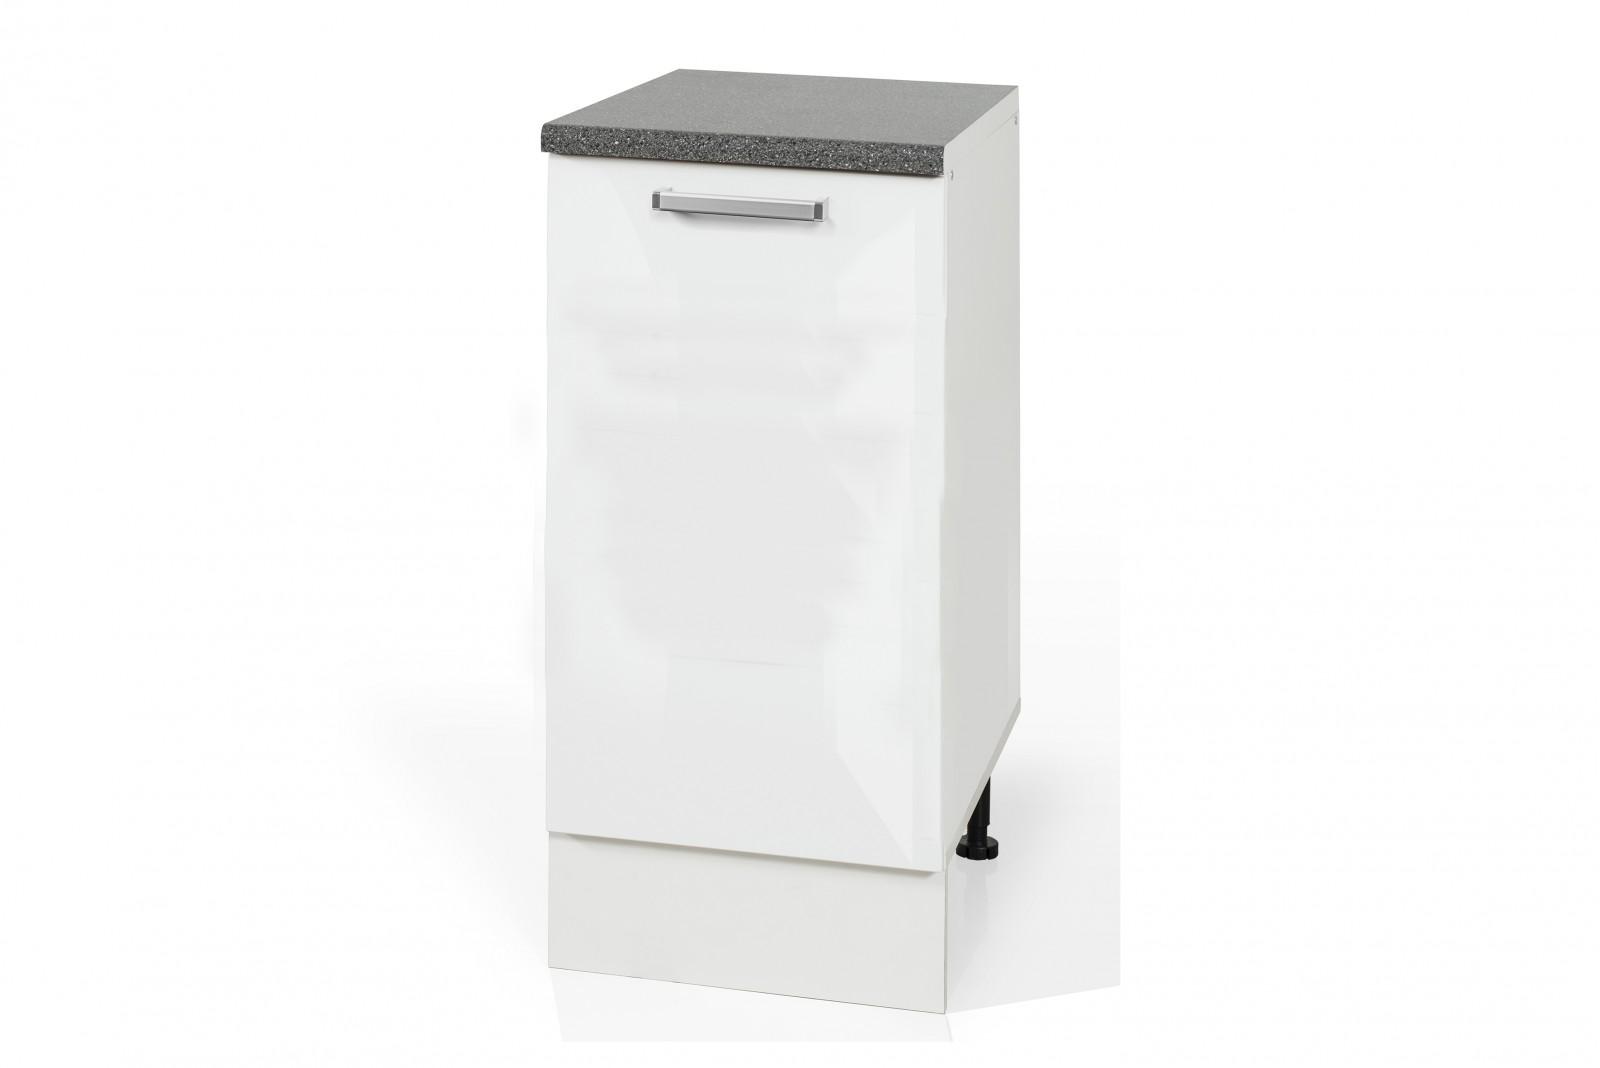 High Gloss White Base rubbish bin cabinet S401KO for kitchen